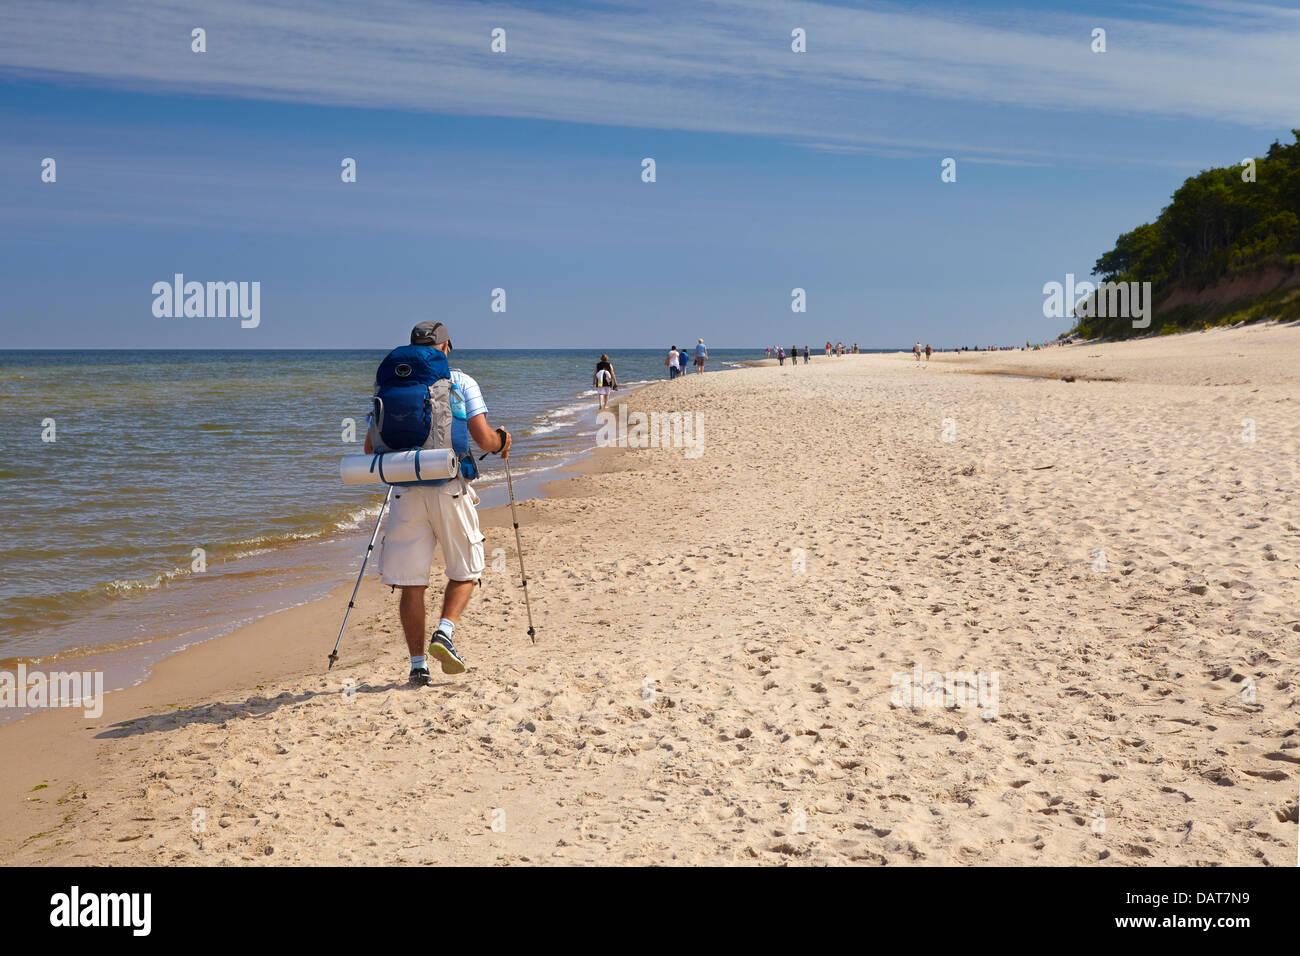 Turista paseando a lo largo de la playa, del mar Báltico, Polonia Imagen De Stock